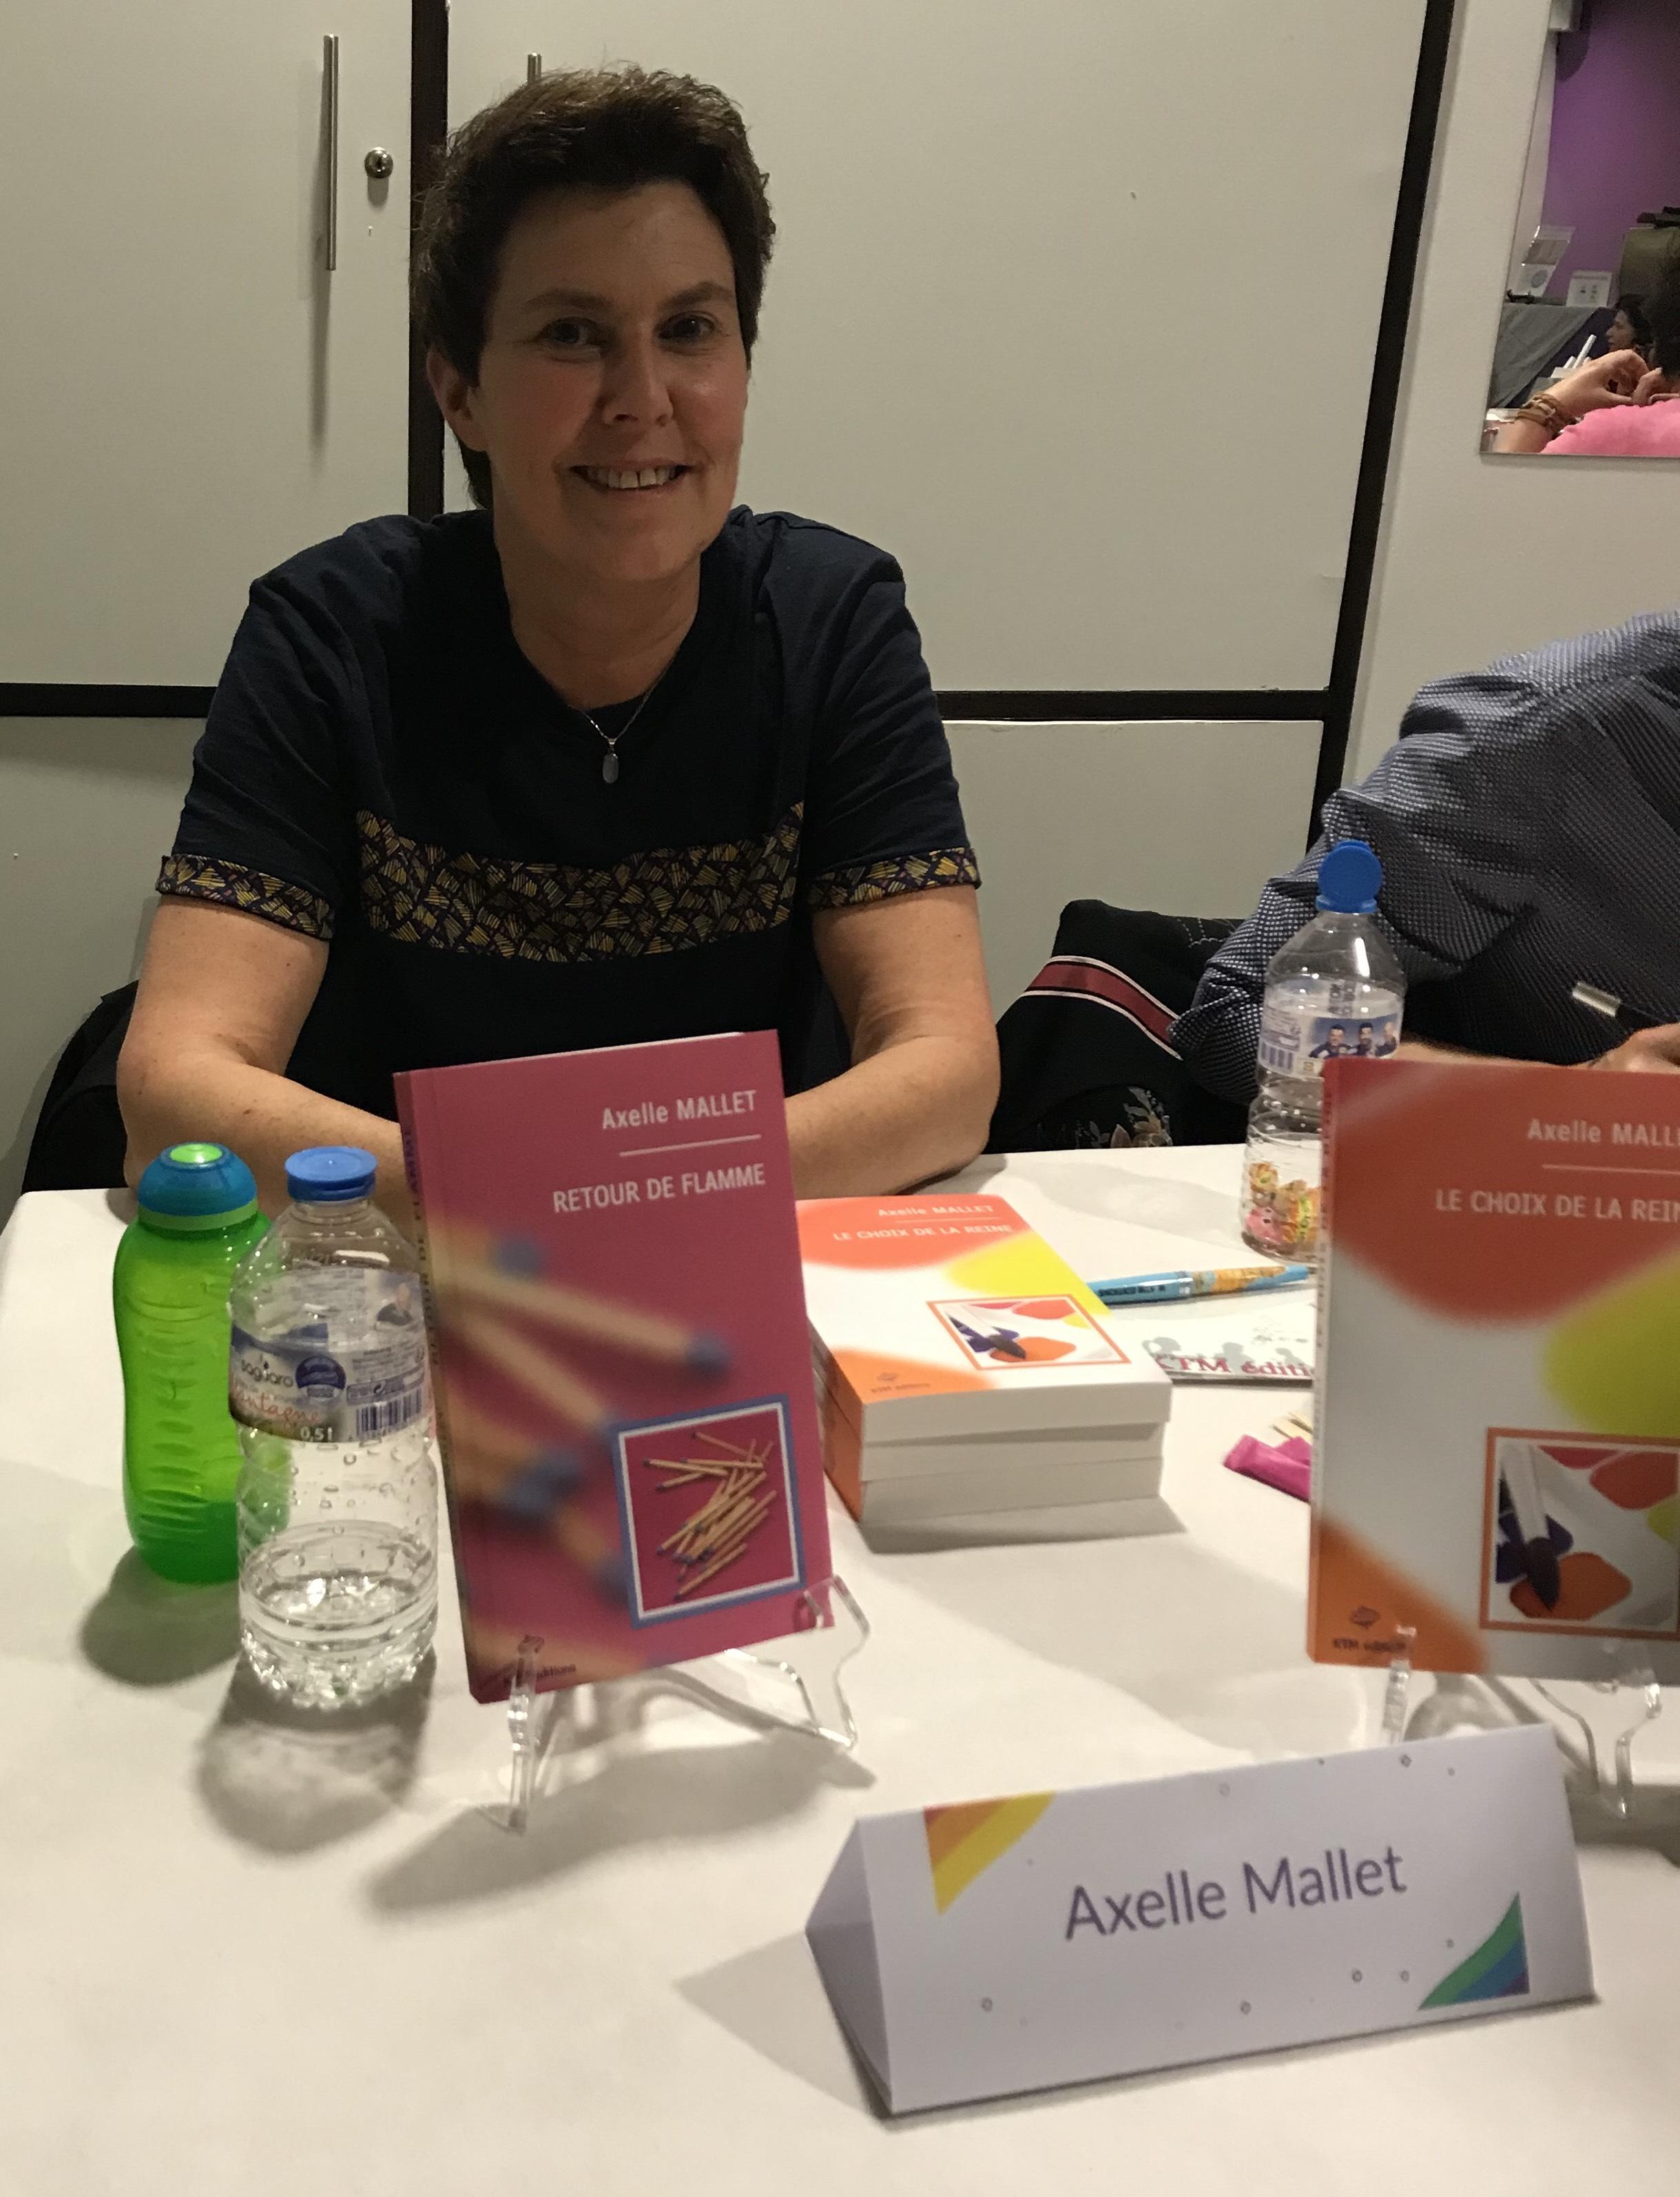 Axelle Mallet au F/F day 2019, les rencontres du livre lesbien